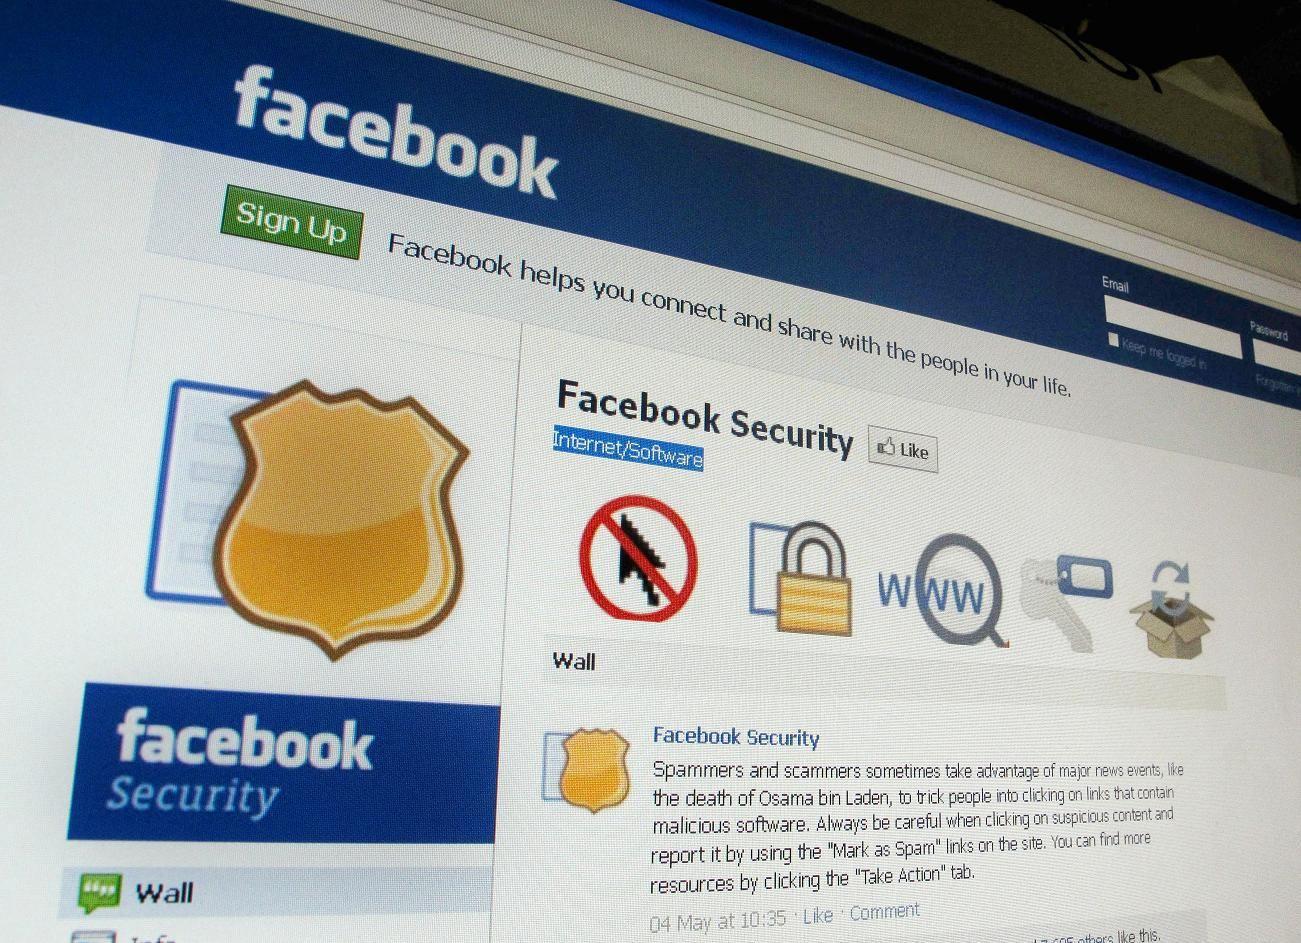 Doit-on craindre pour sa vie privée sur Facebook ?